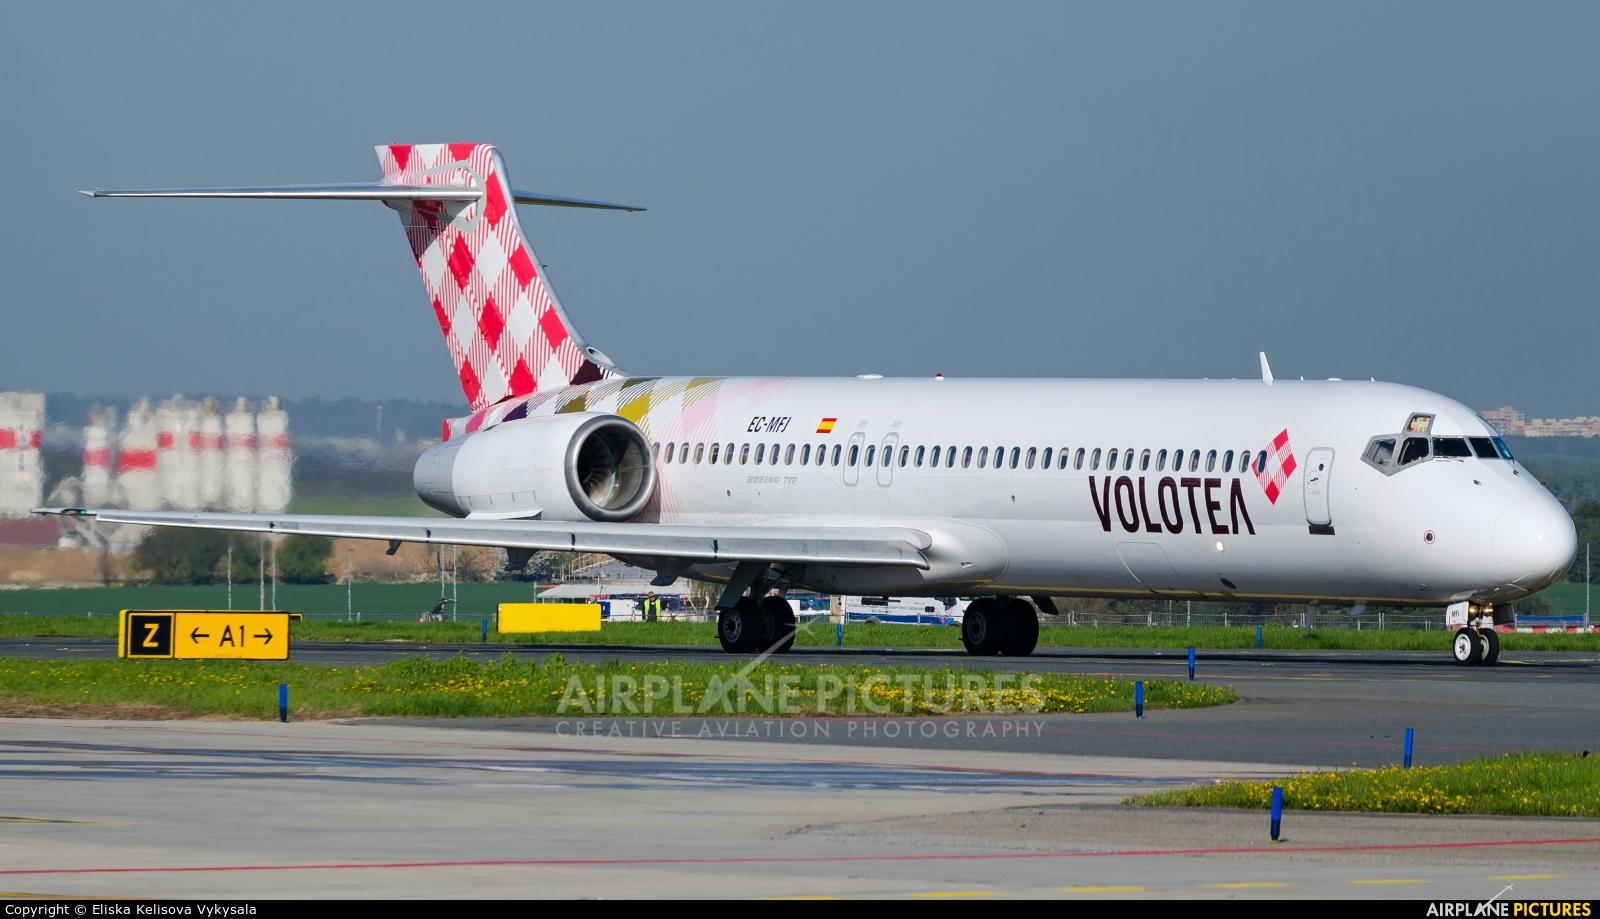 Volotea Airlines EC-MFJ aircraft at Prague - Václav Havel